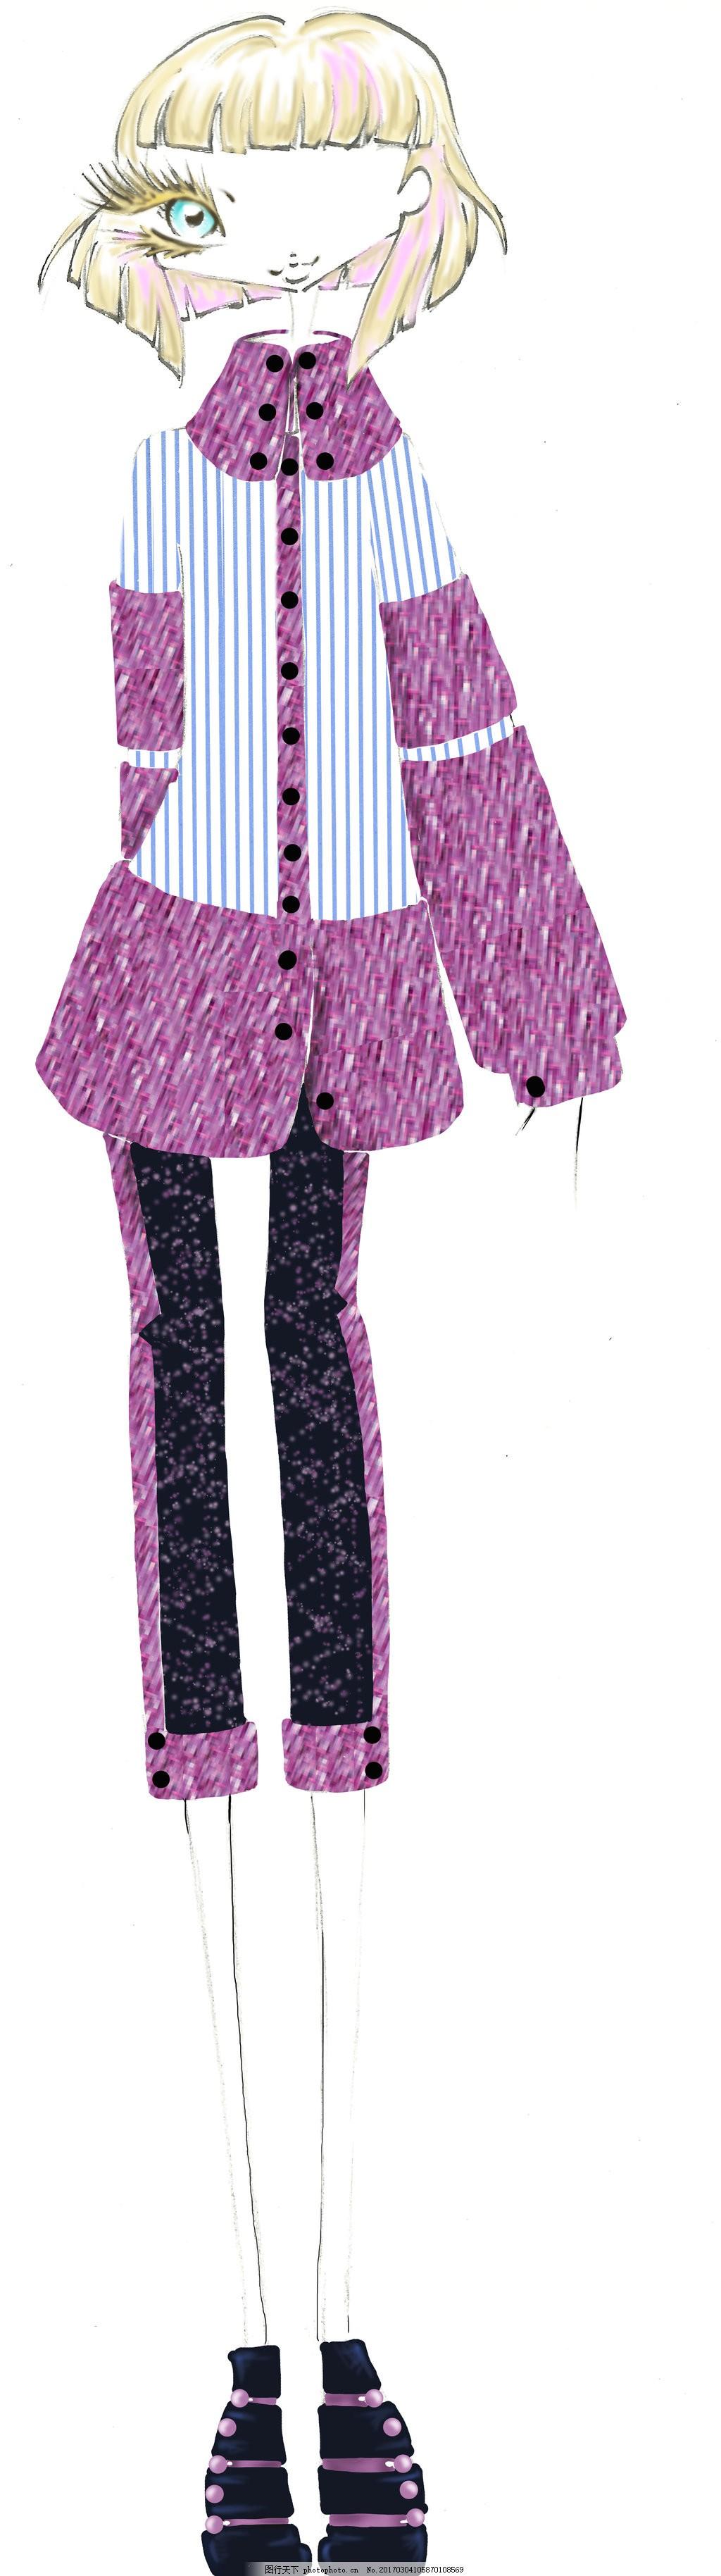 秋天款条纹女装设计图 服装设计 时尚女装 职业女装 职业装 女装设计